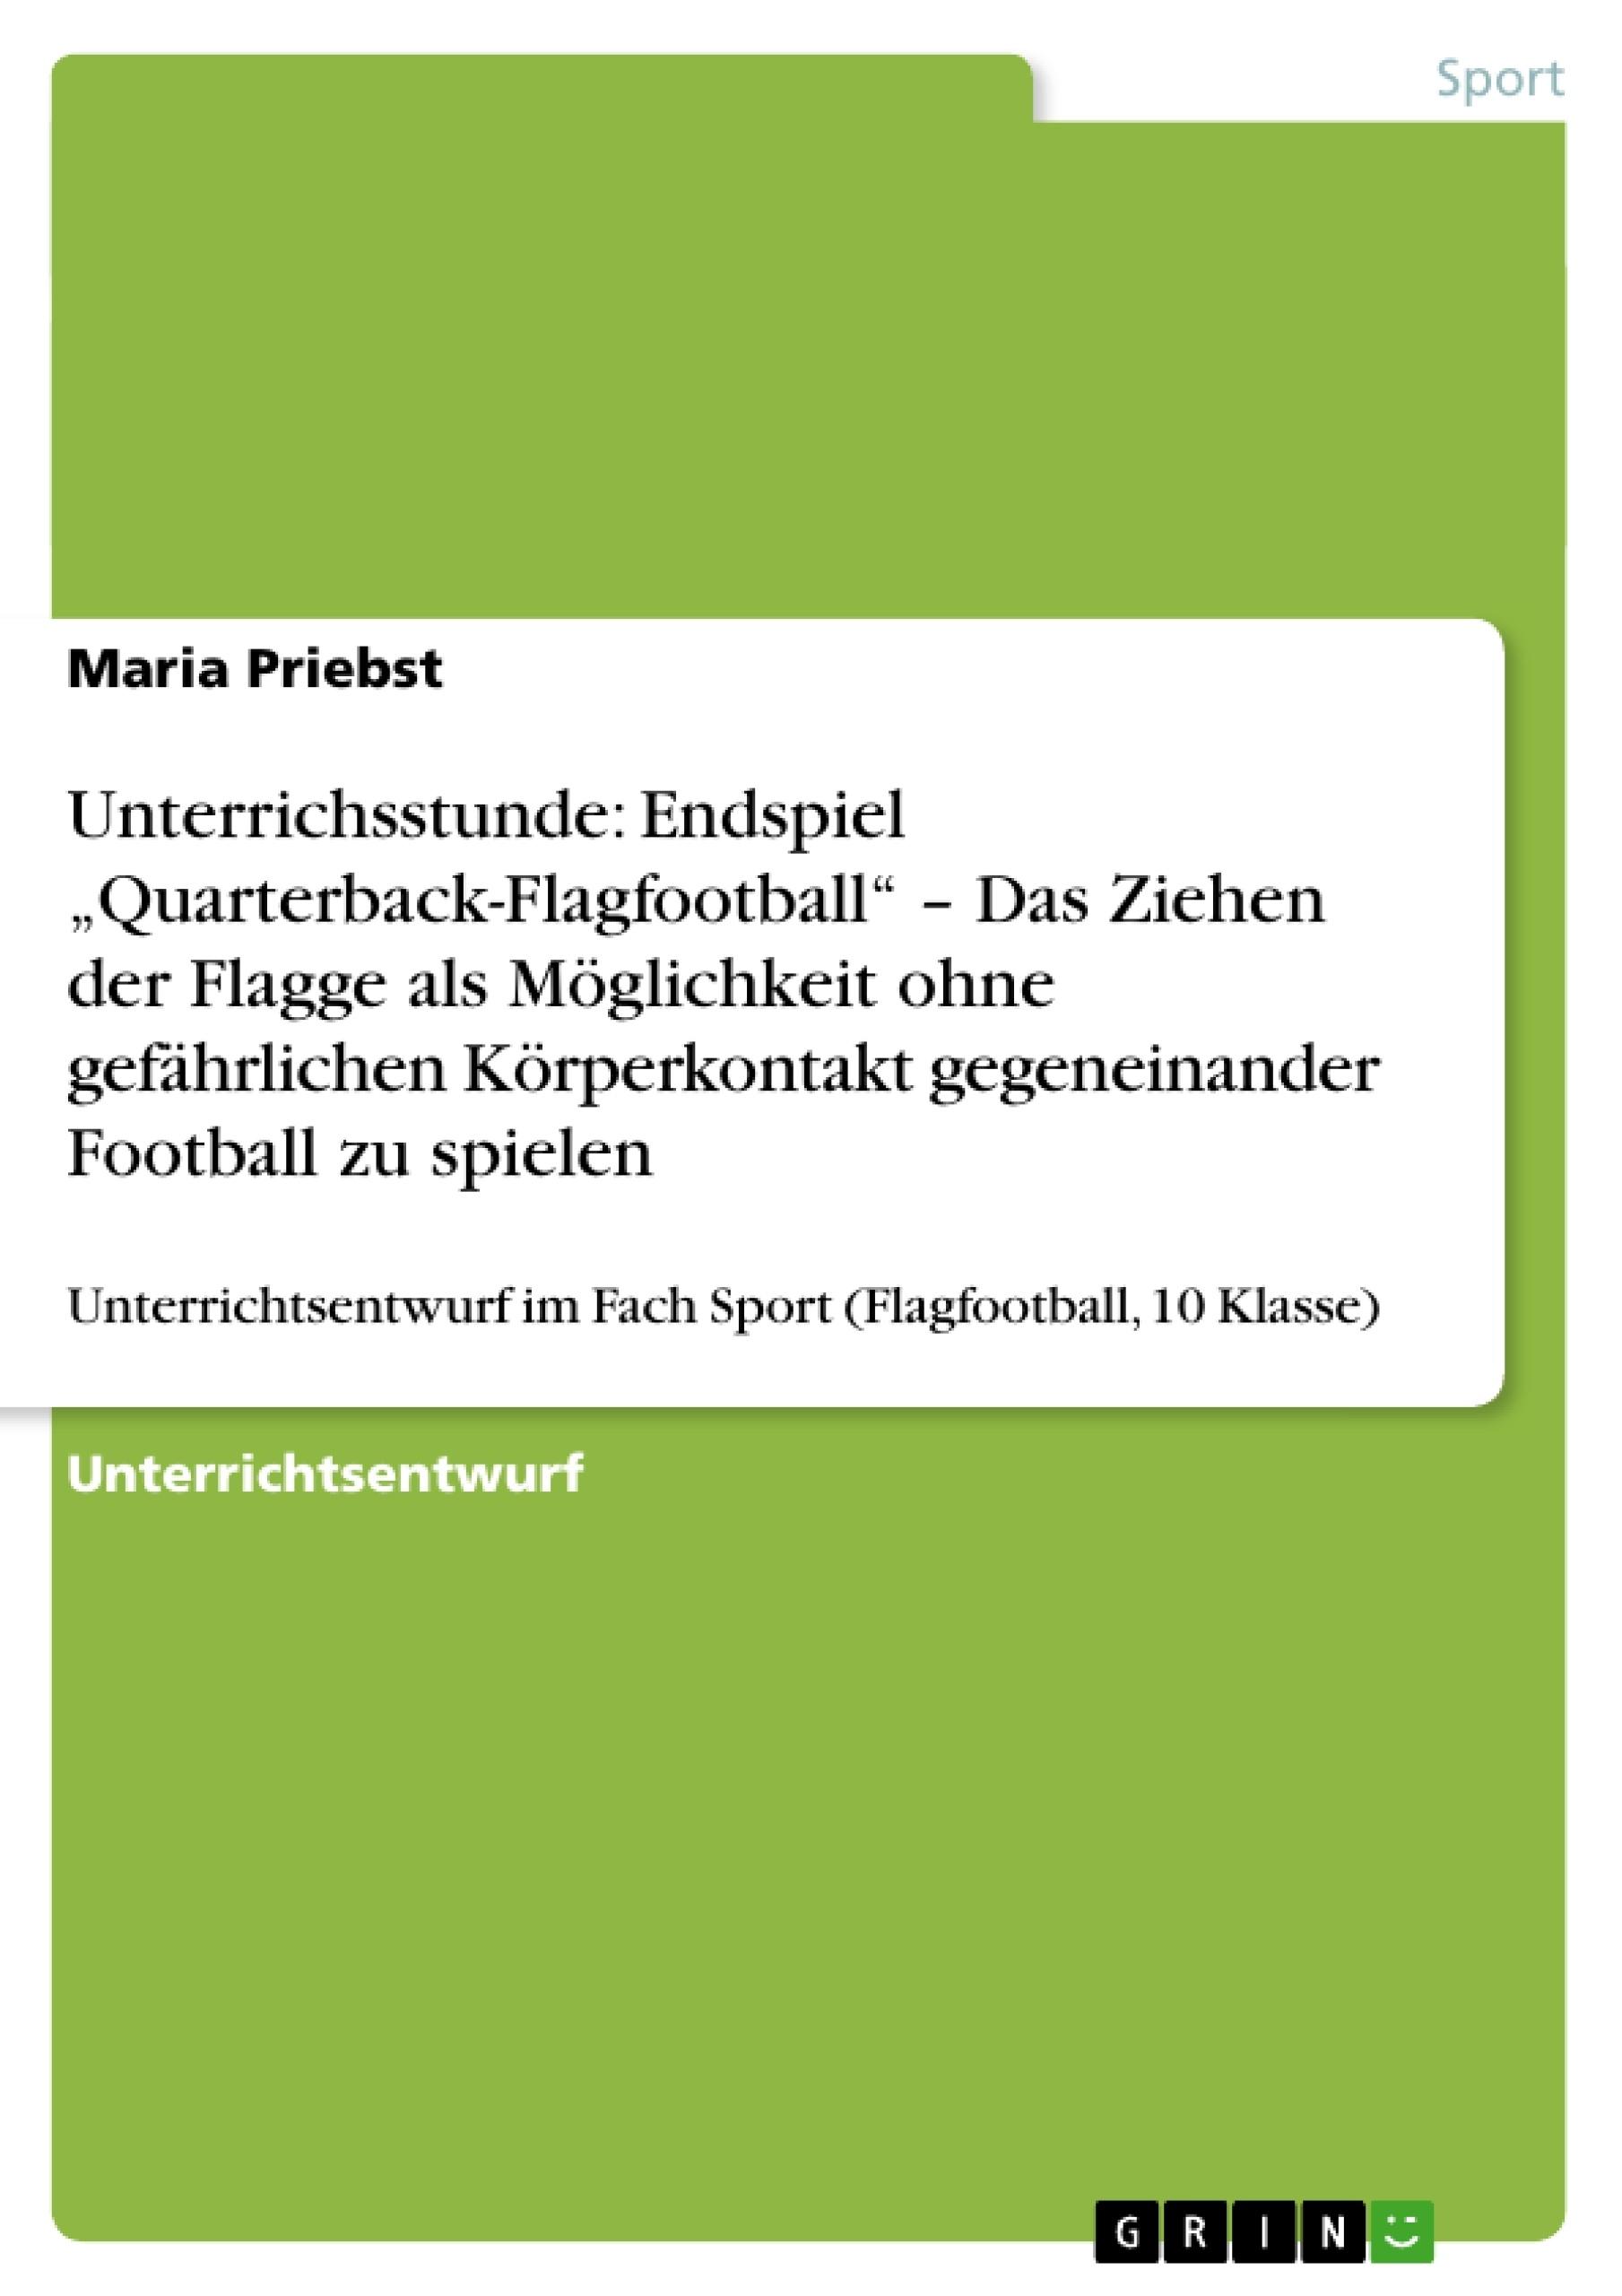 """Titel: Unterrichsstunde: Endspiel """"Quarterback-Flagfootball"""" – Das Ziehen der Flagge als Möglichkeit ohne gefährlichen Körperkontakt gegeneinander Football zu spielen"""